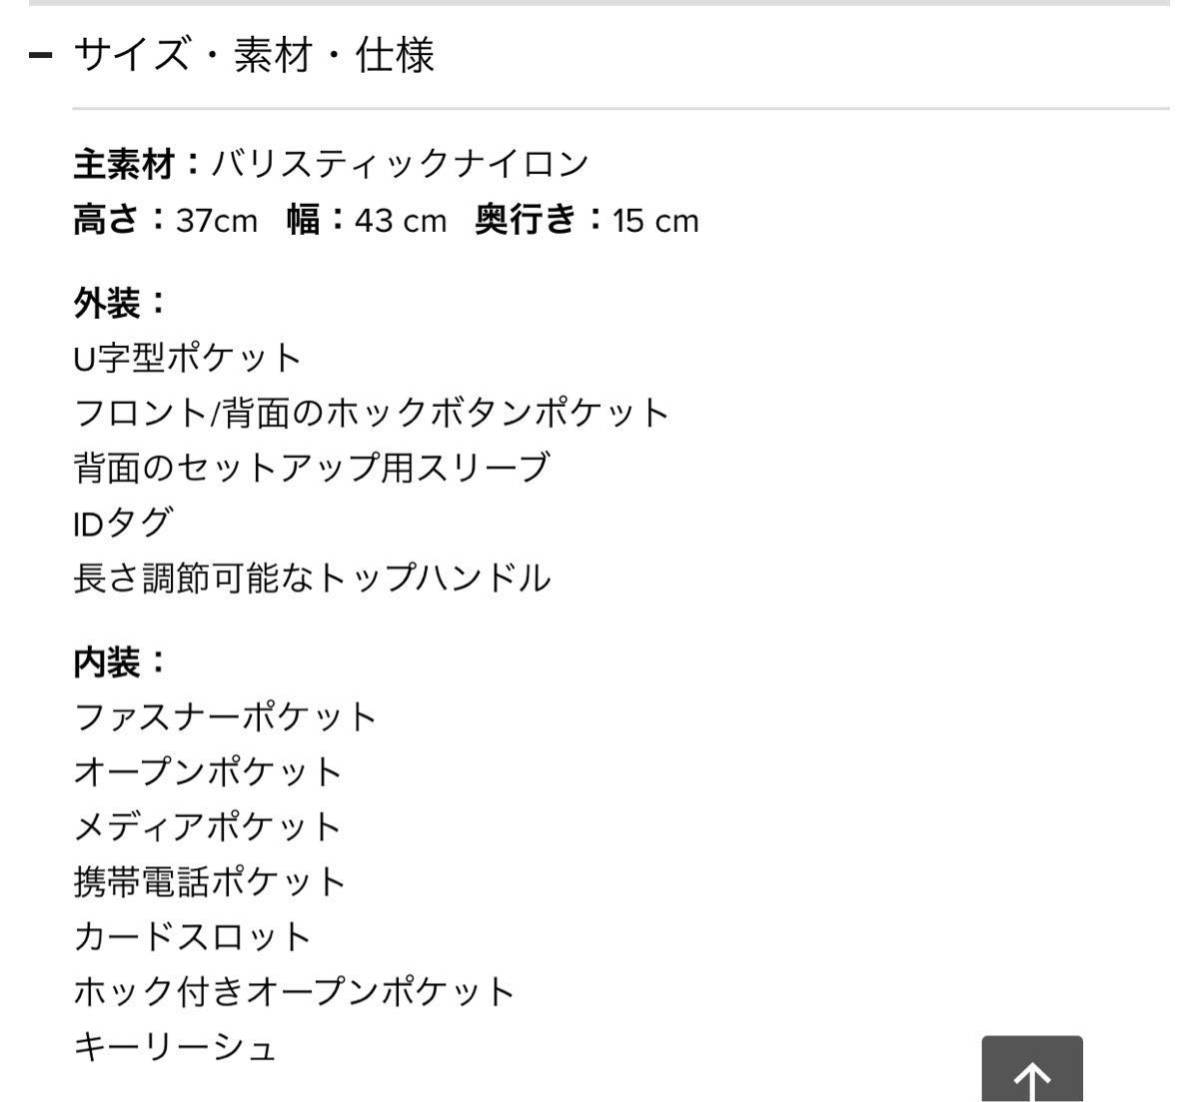 美品 TUMI コンパニオン トート ネイビー トゥミ 出張に最適 _画像8